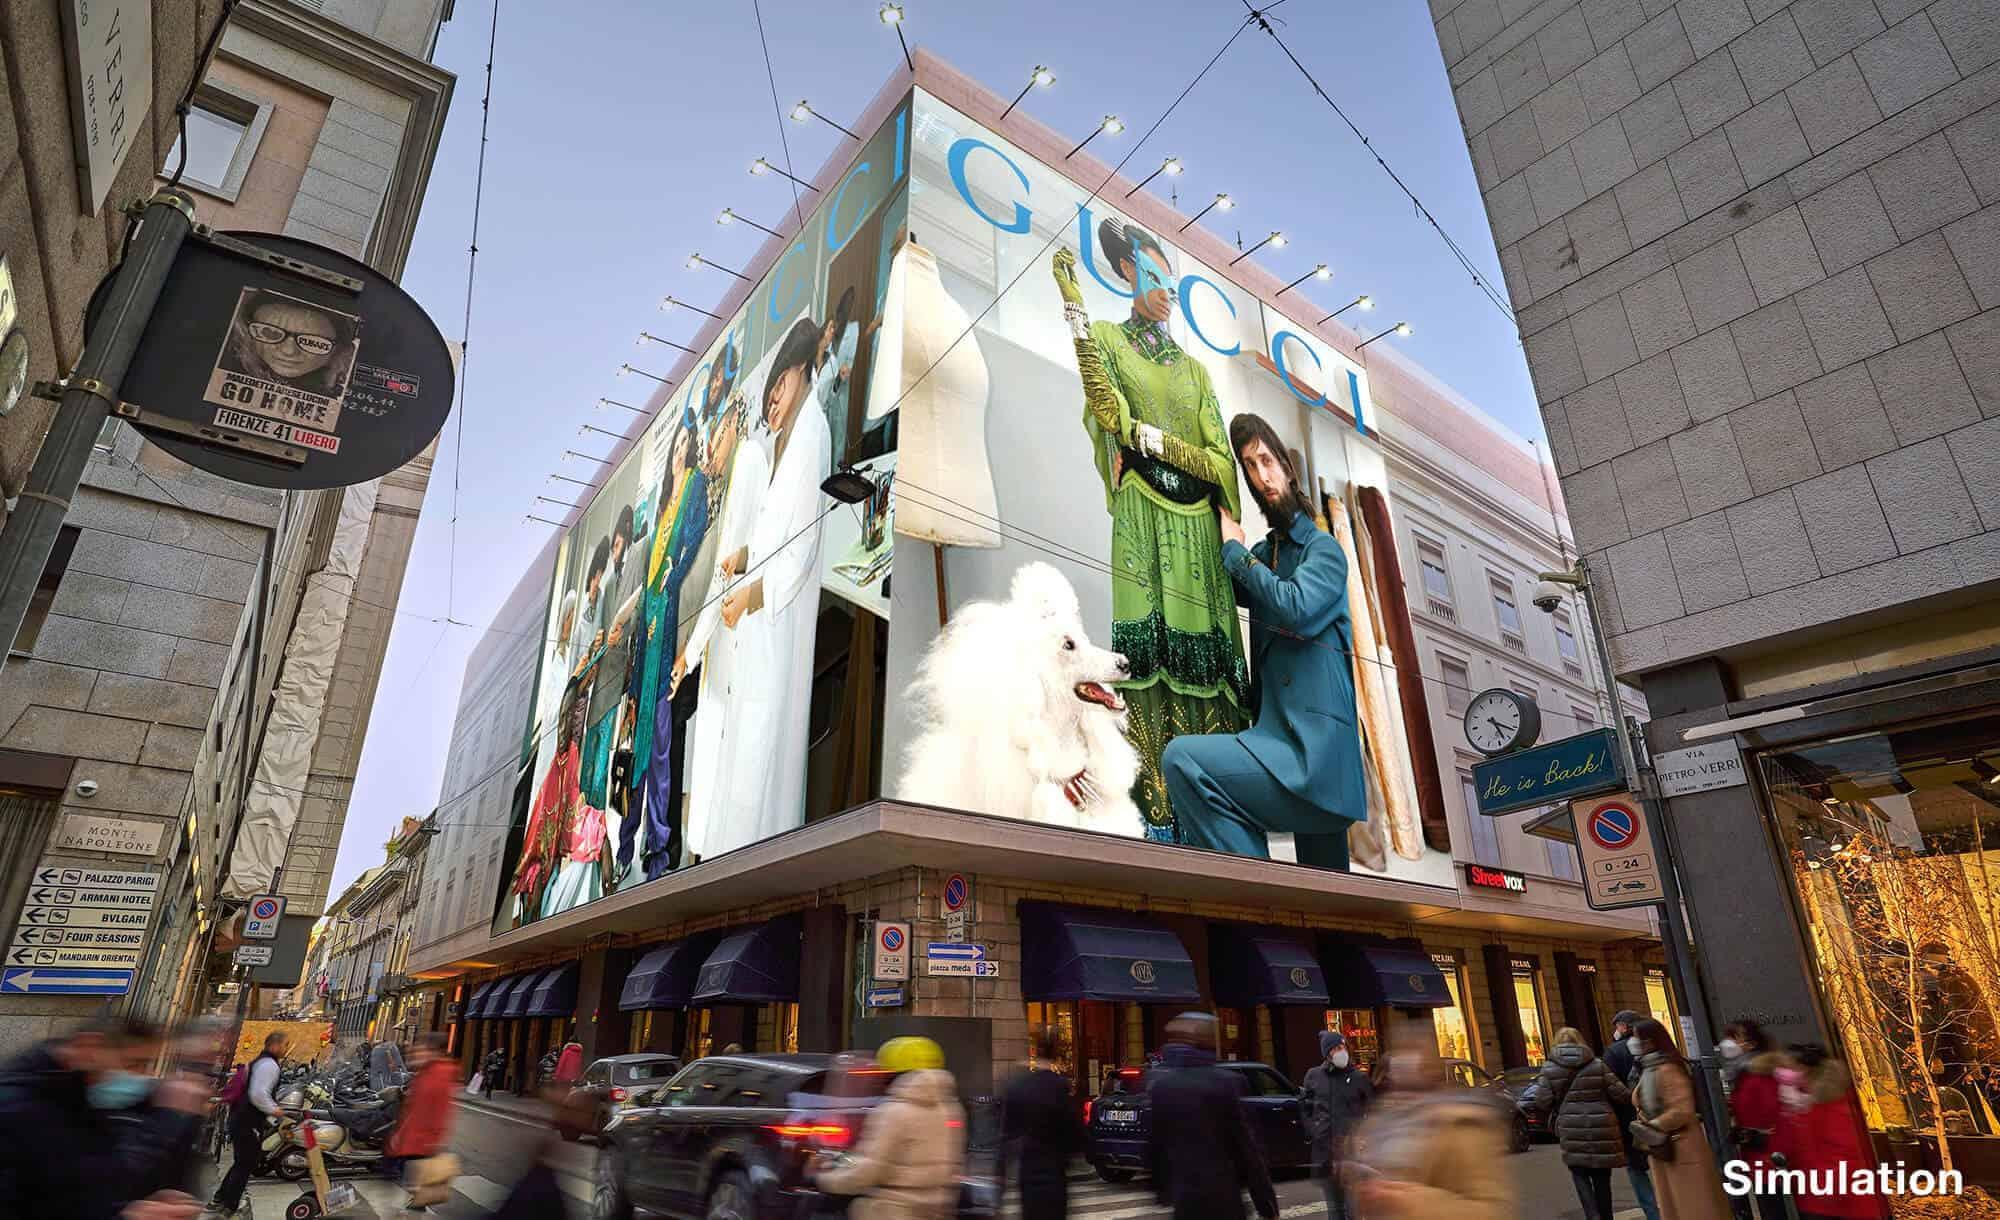 Maxi Affissione Streetvox Via Monte Napoleone 8 a Milano con Gucci (Fashion)